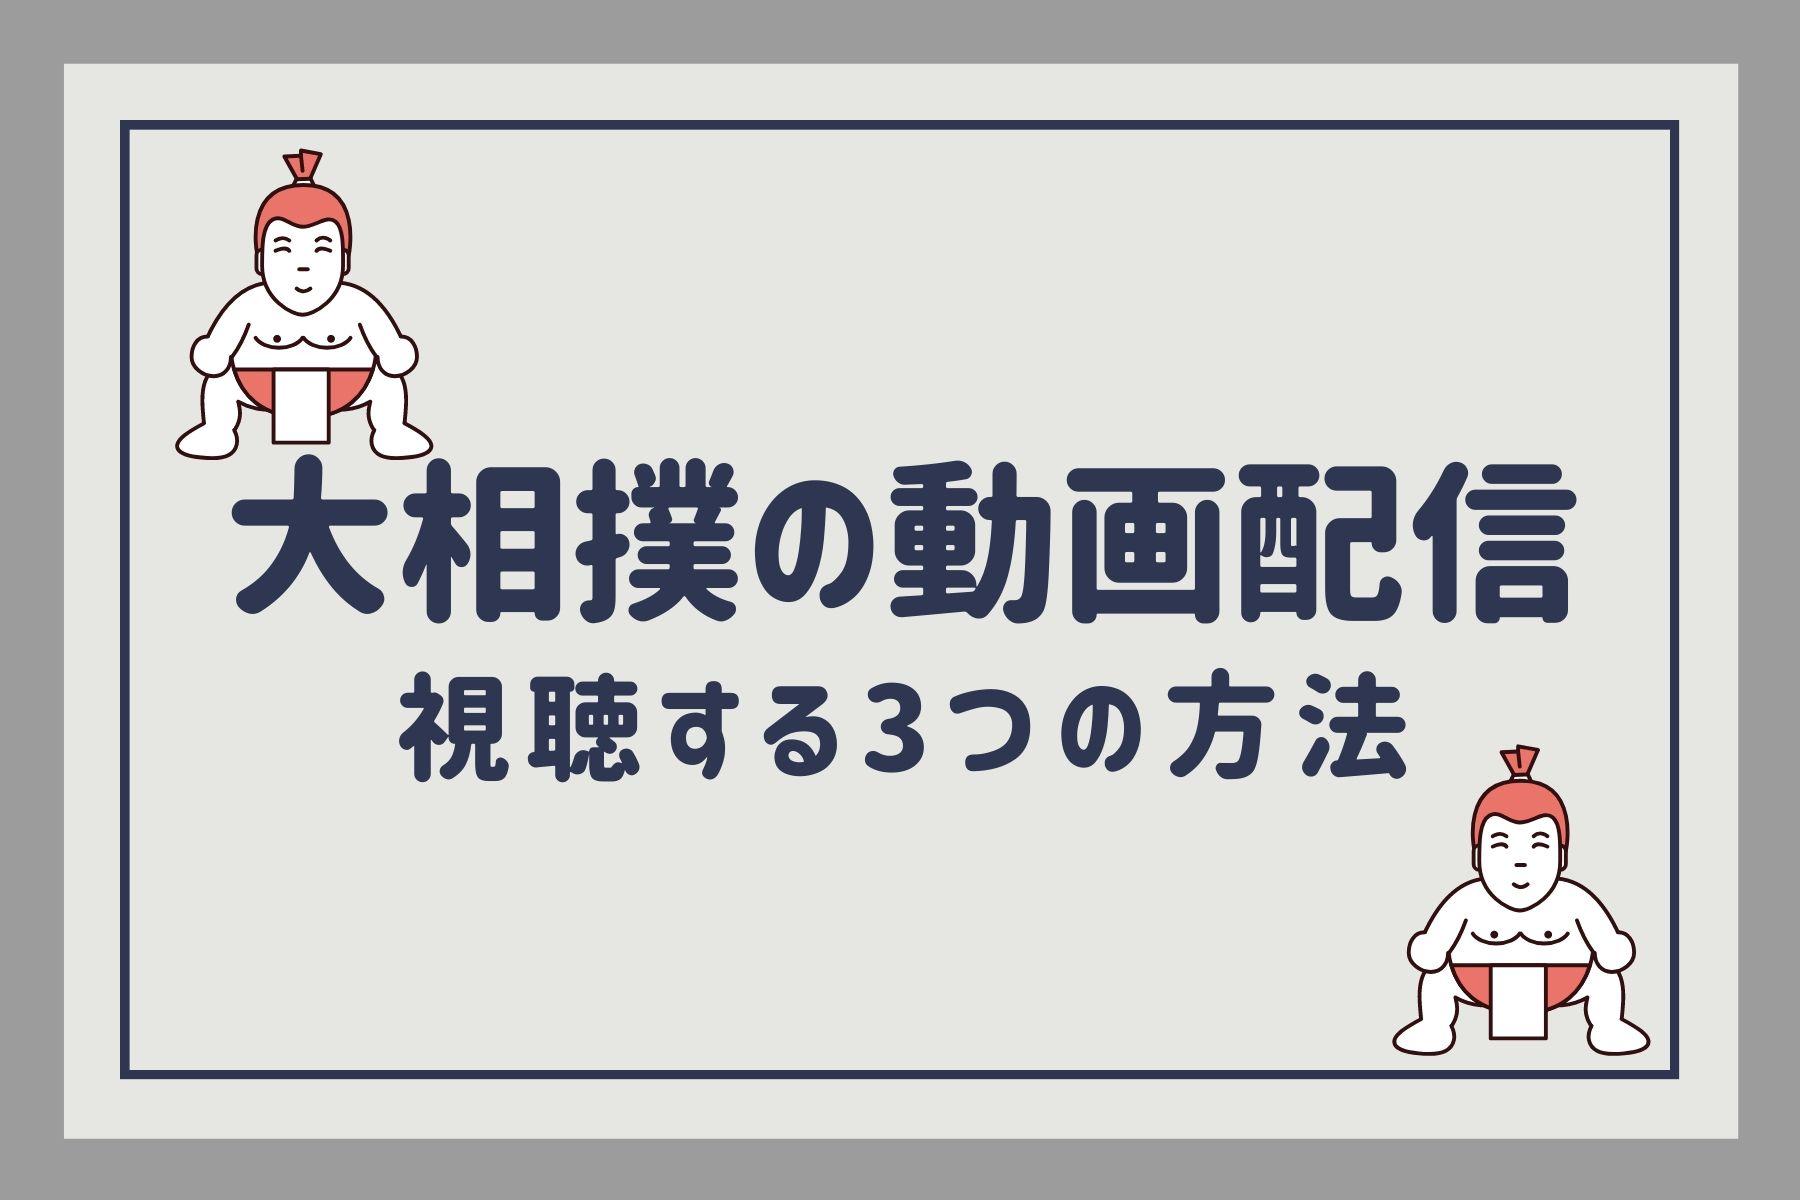 NHKの大相撲を動画配信で視聴する3つの方法